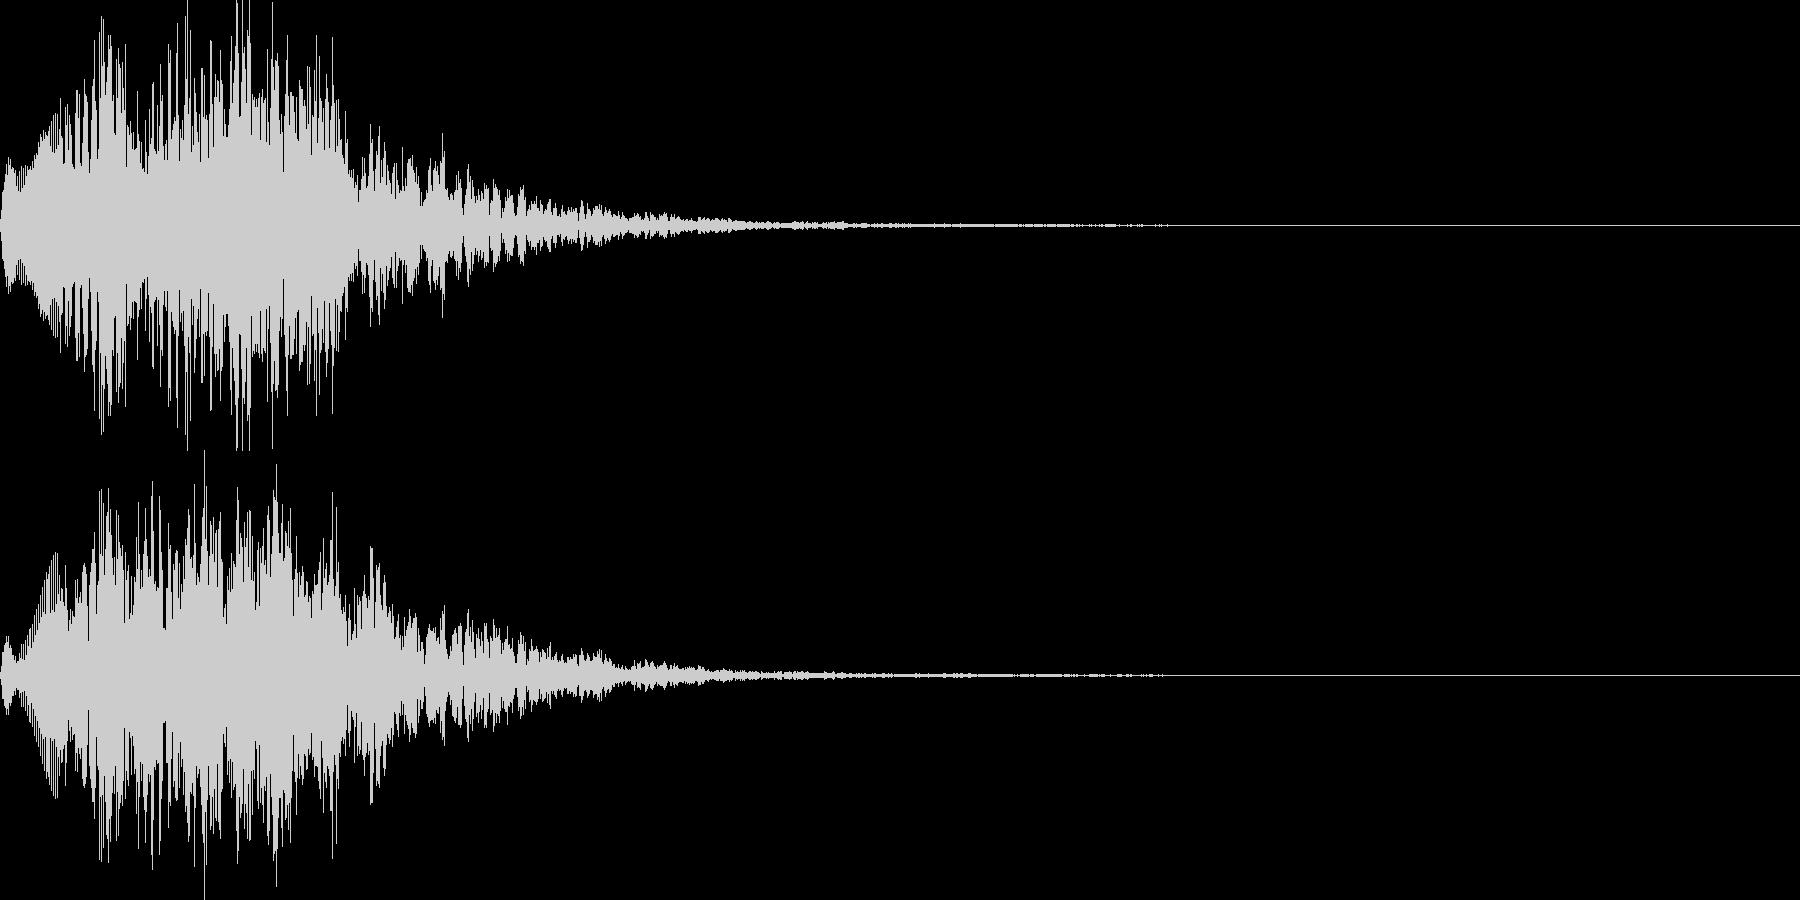 場面転換01の未再生の波形